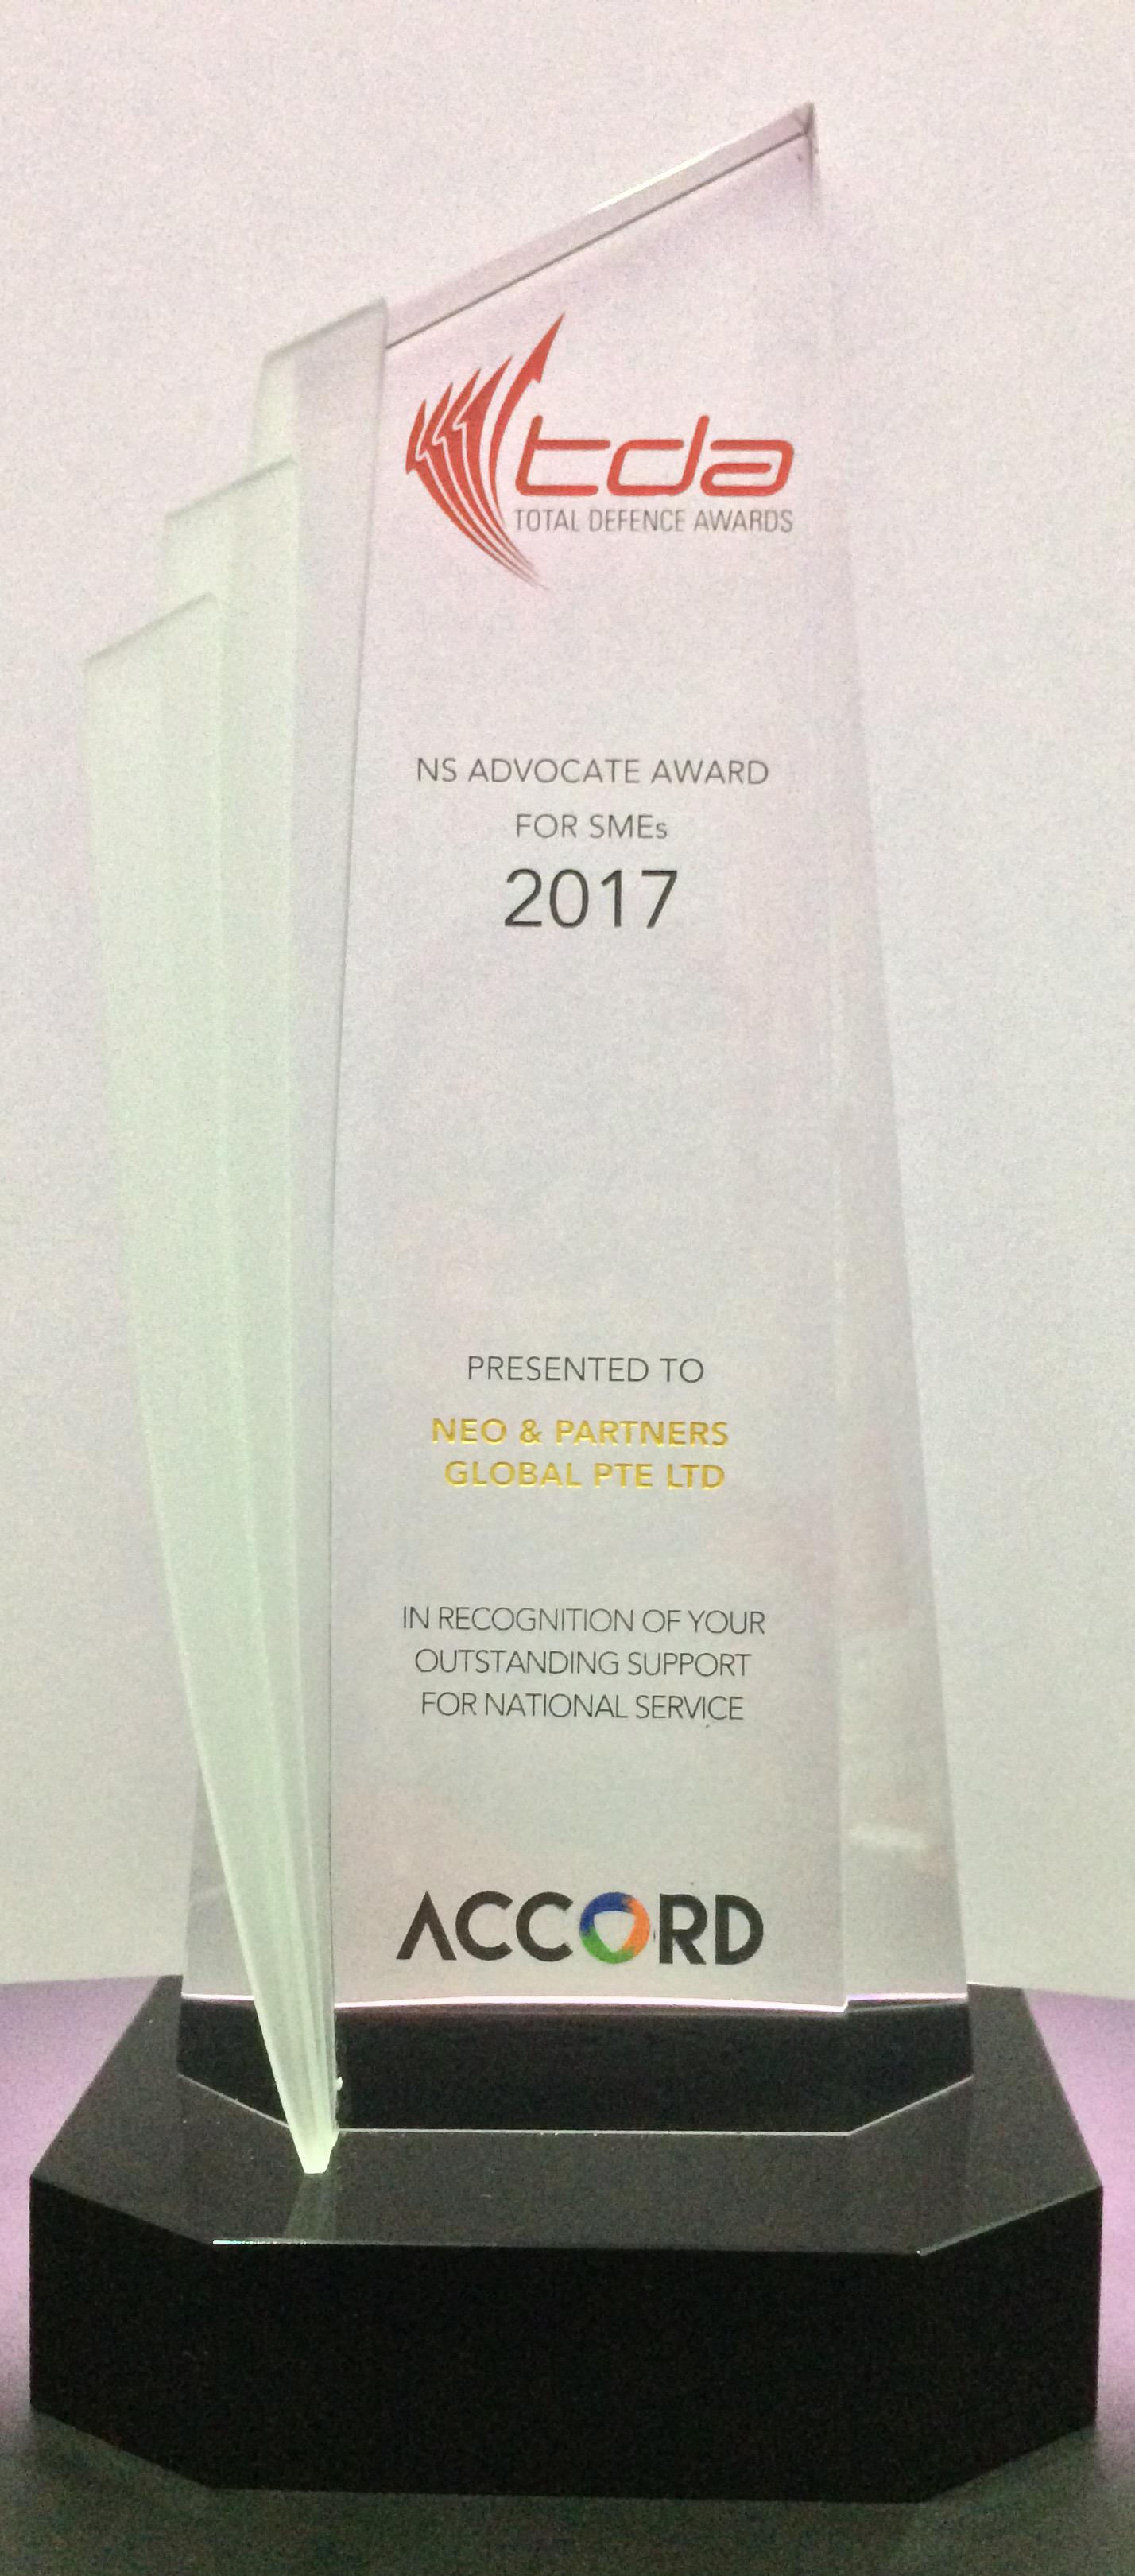 NS Advocate Awards (SMEs)